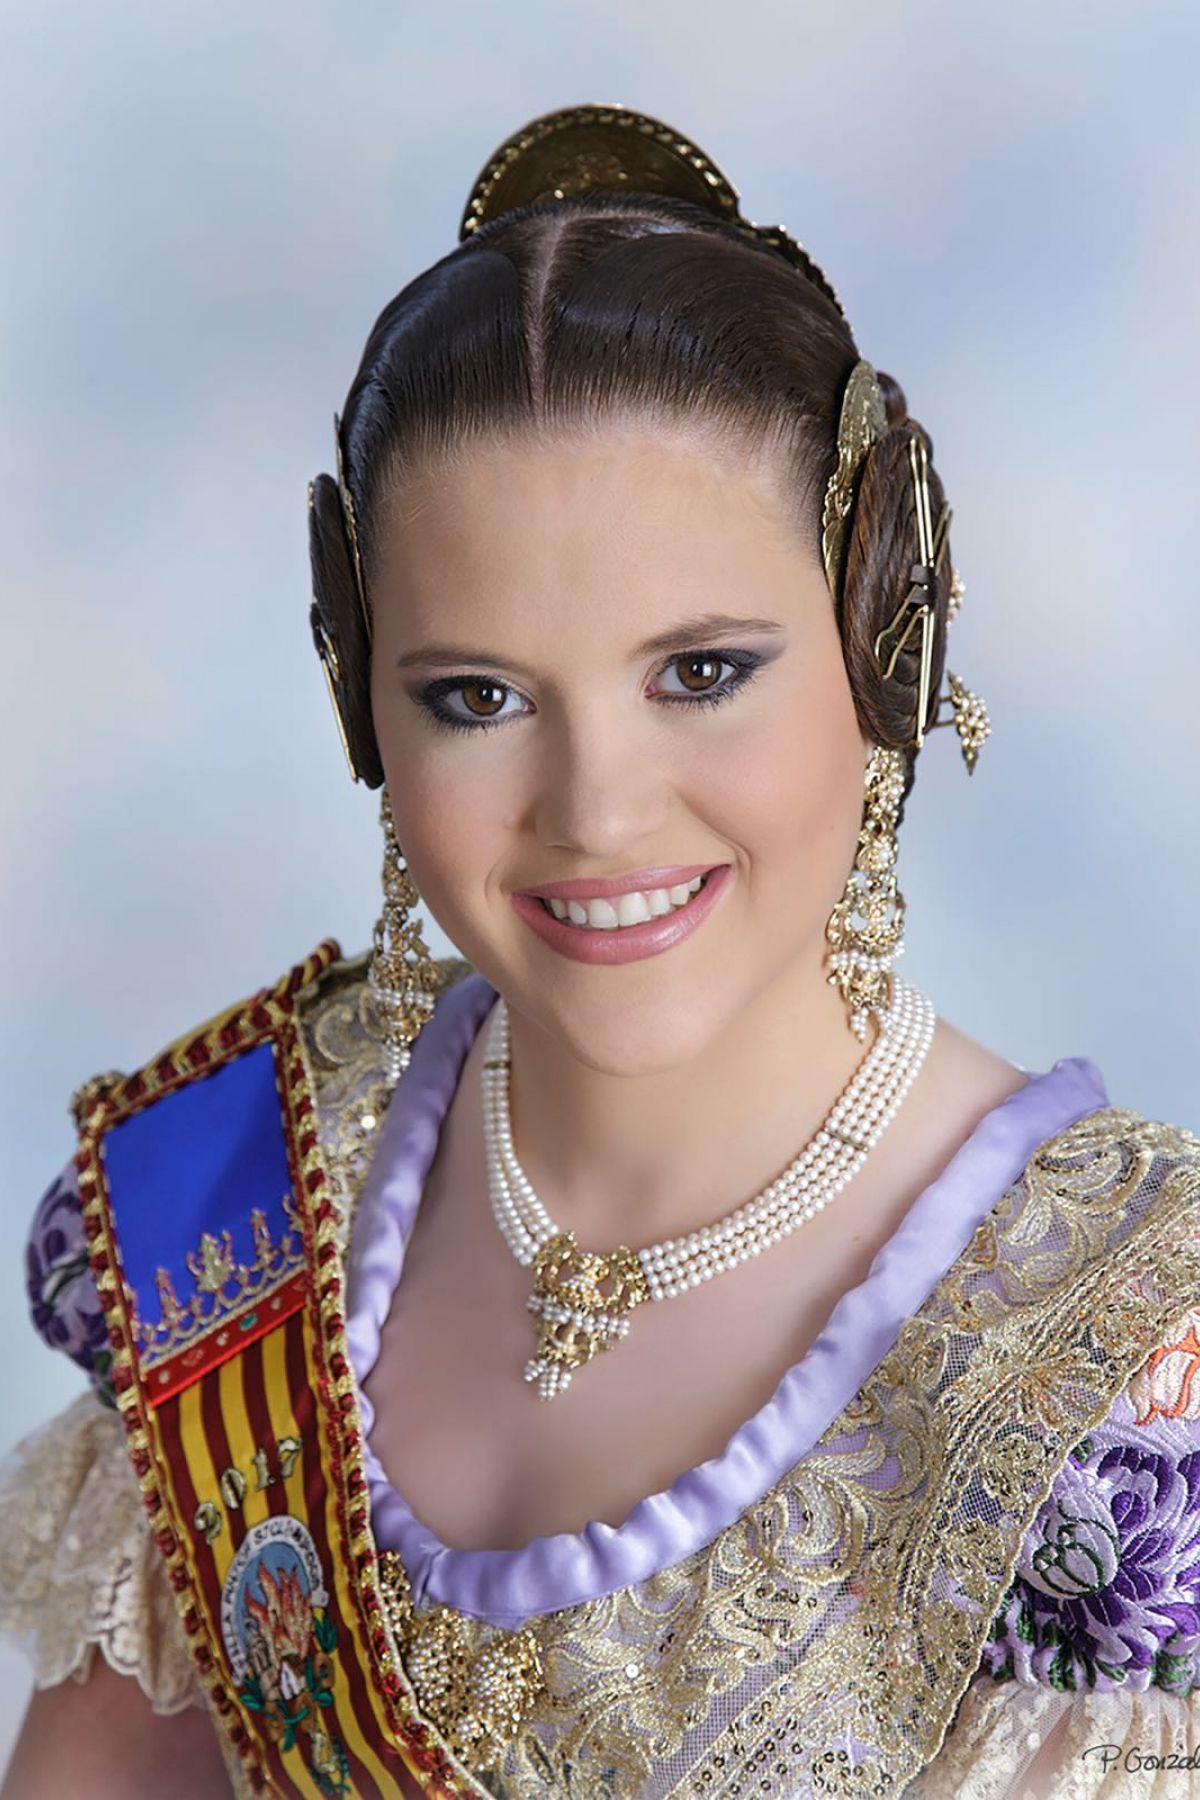 Ana Molina Pozo